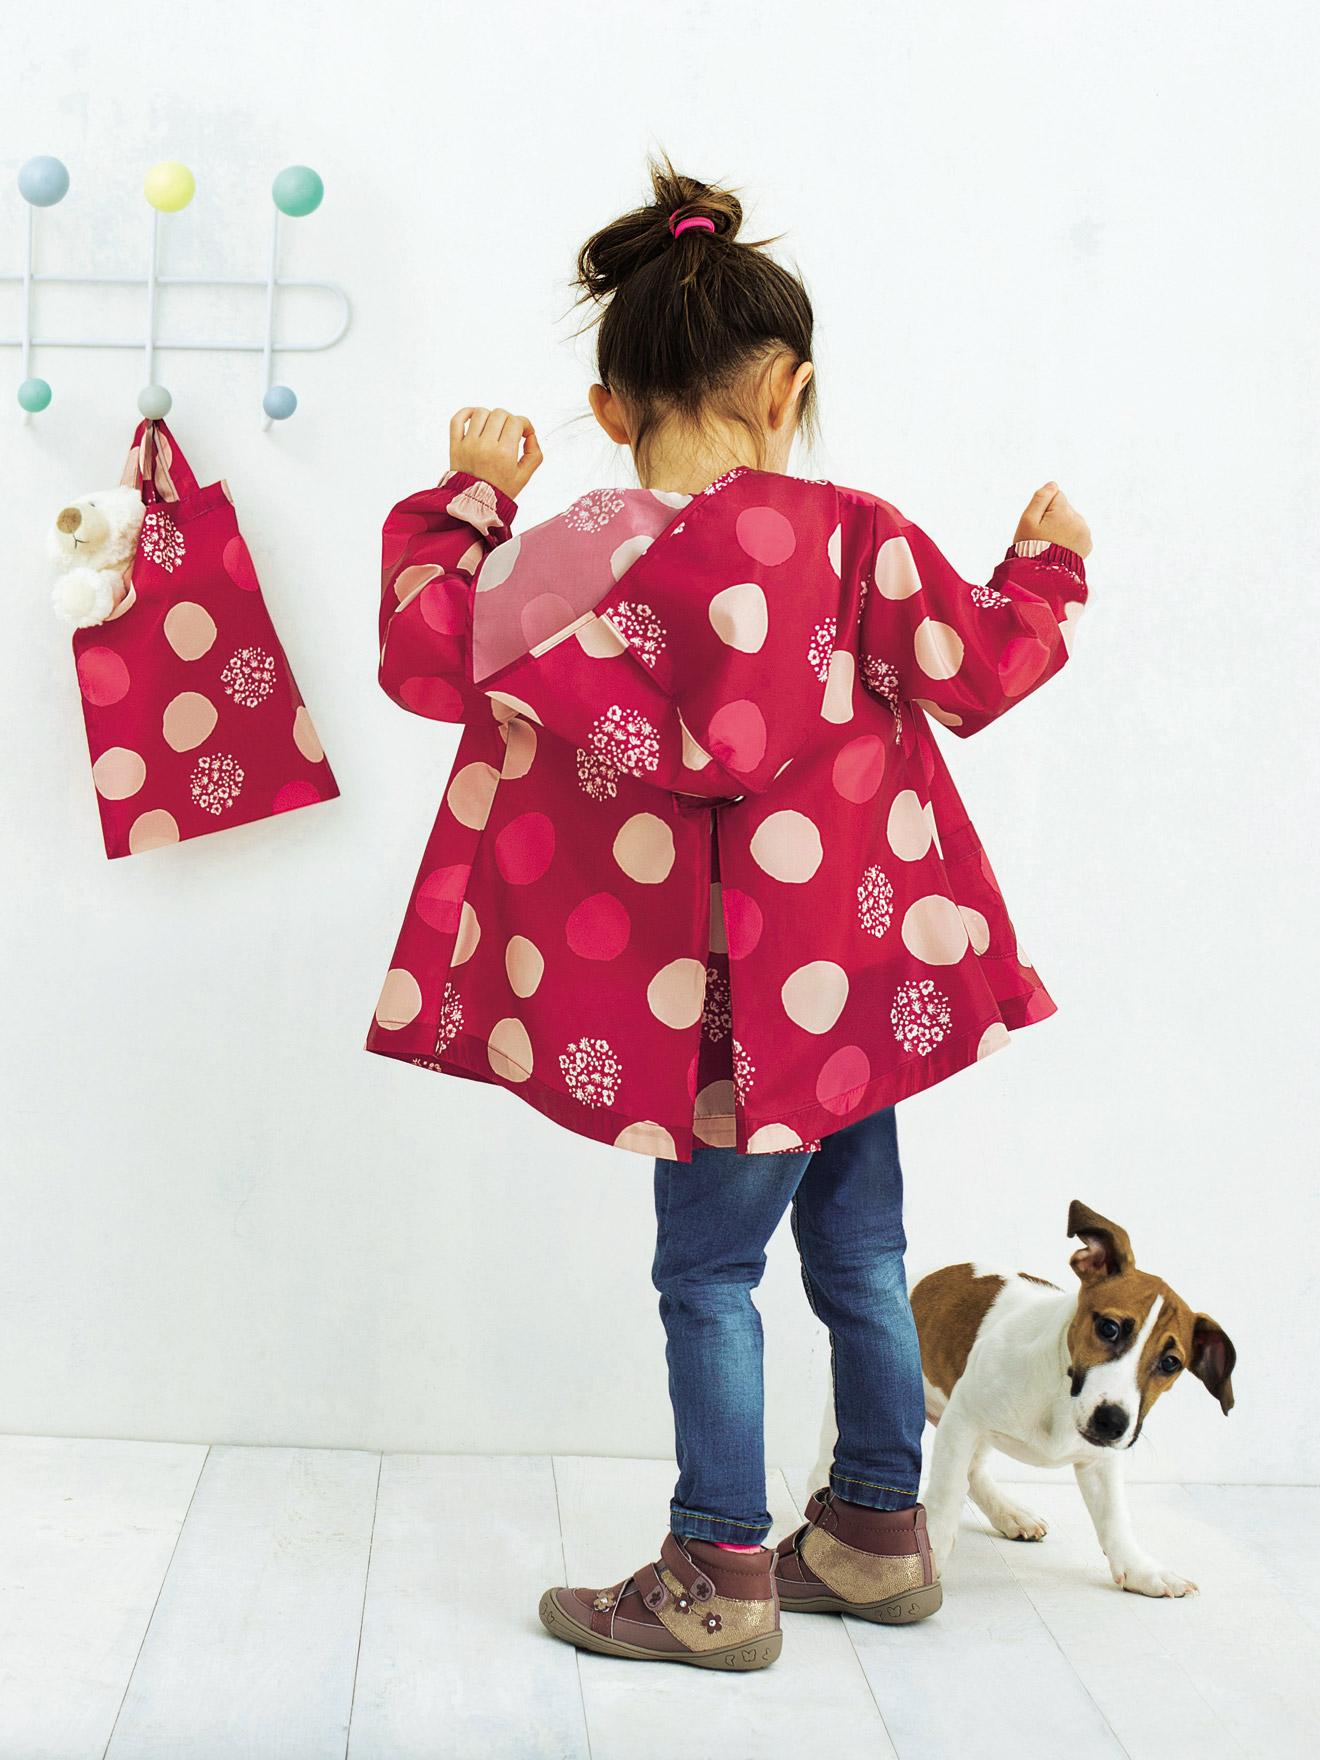 Regenjacken für Mädchen bieten Schutz vor Nässe und Kälte und sehen gleichzeitig schön aus